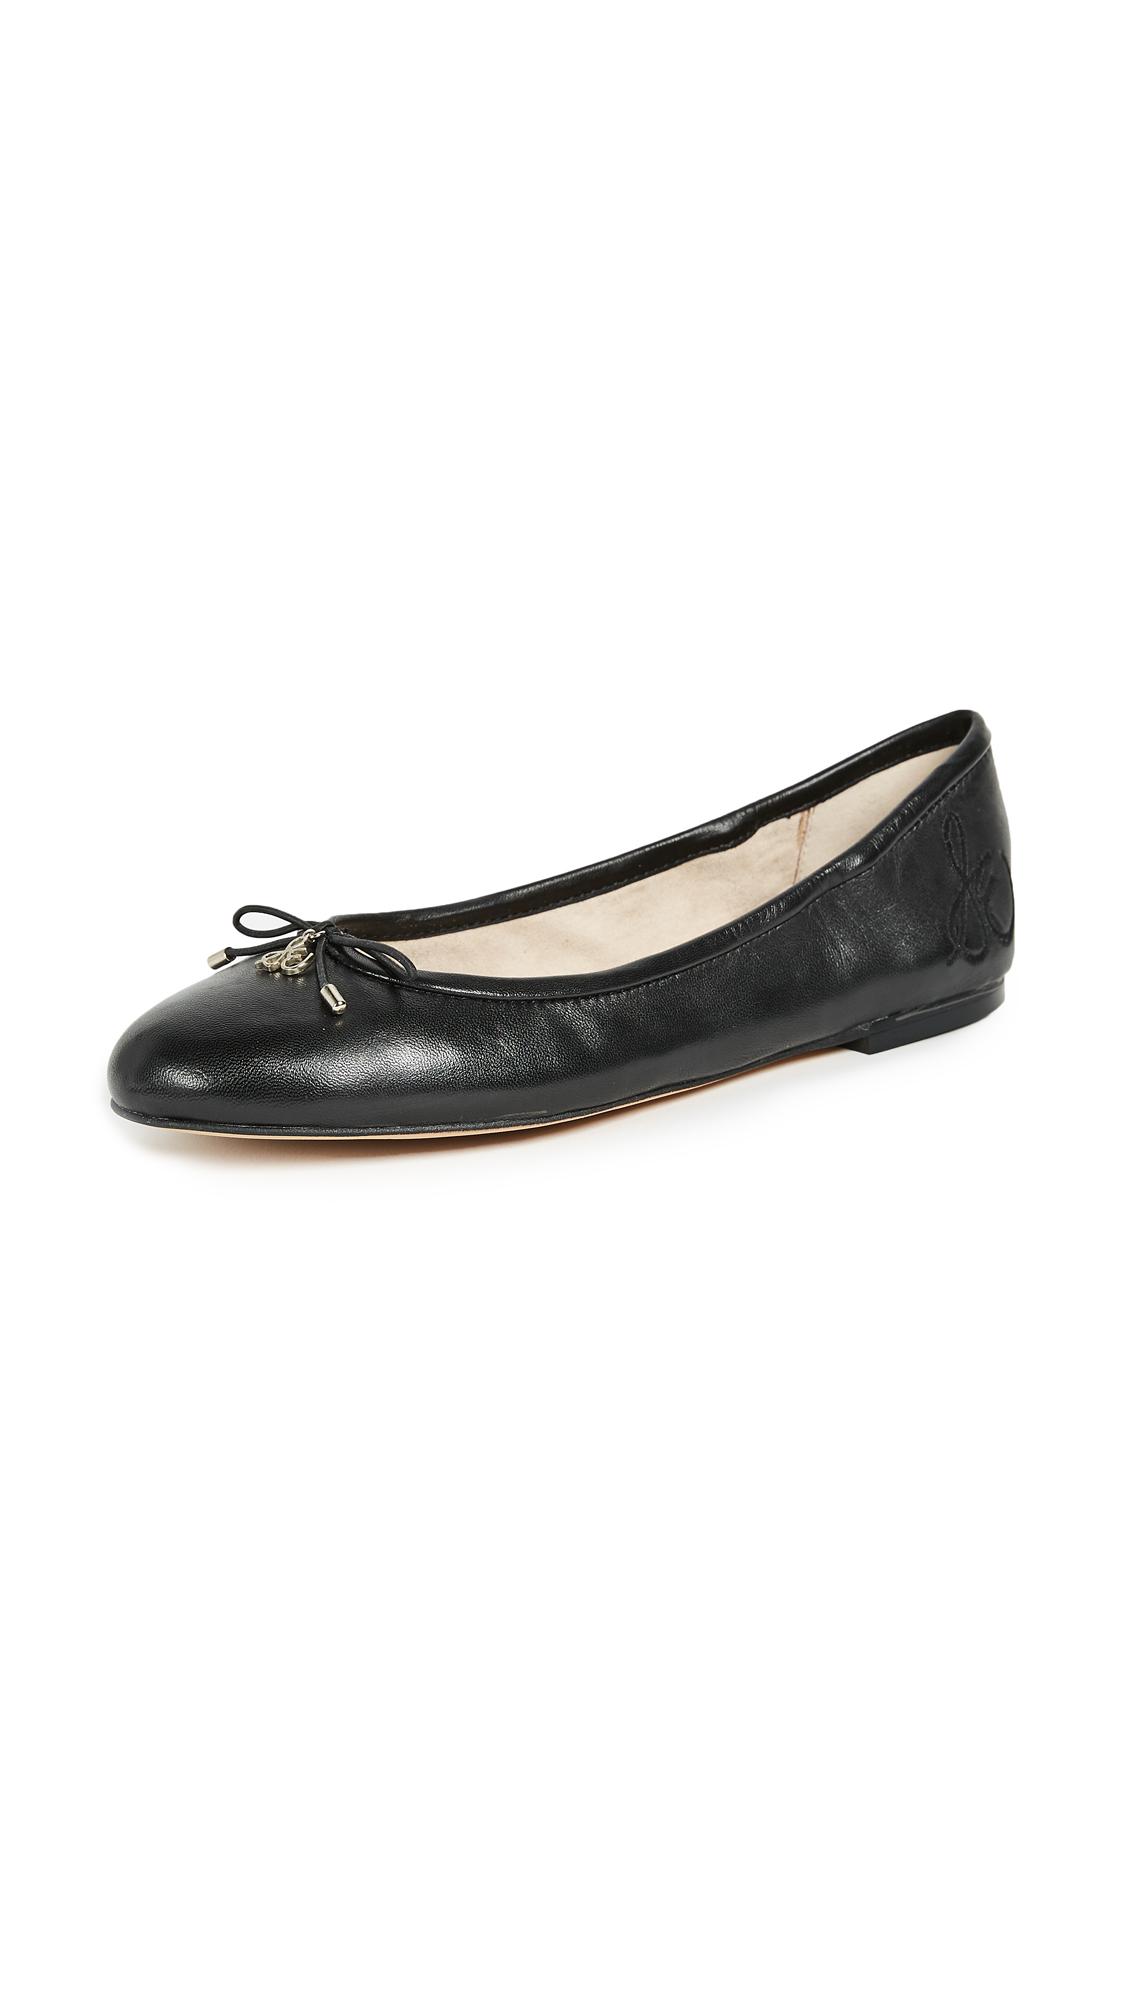 Sam Edelman Felicia Ballet Flats - Black